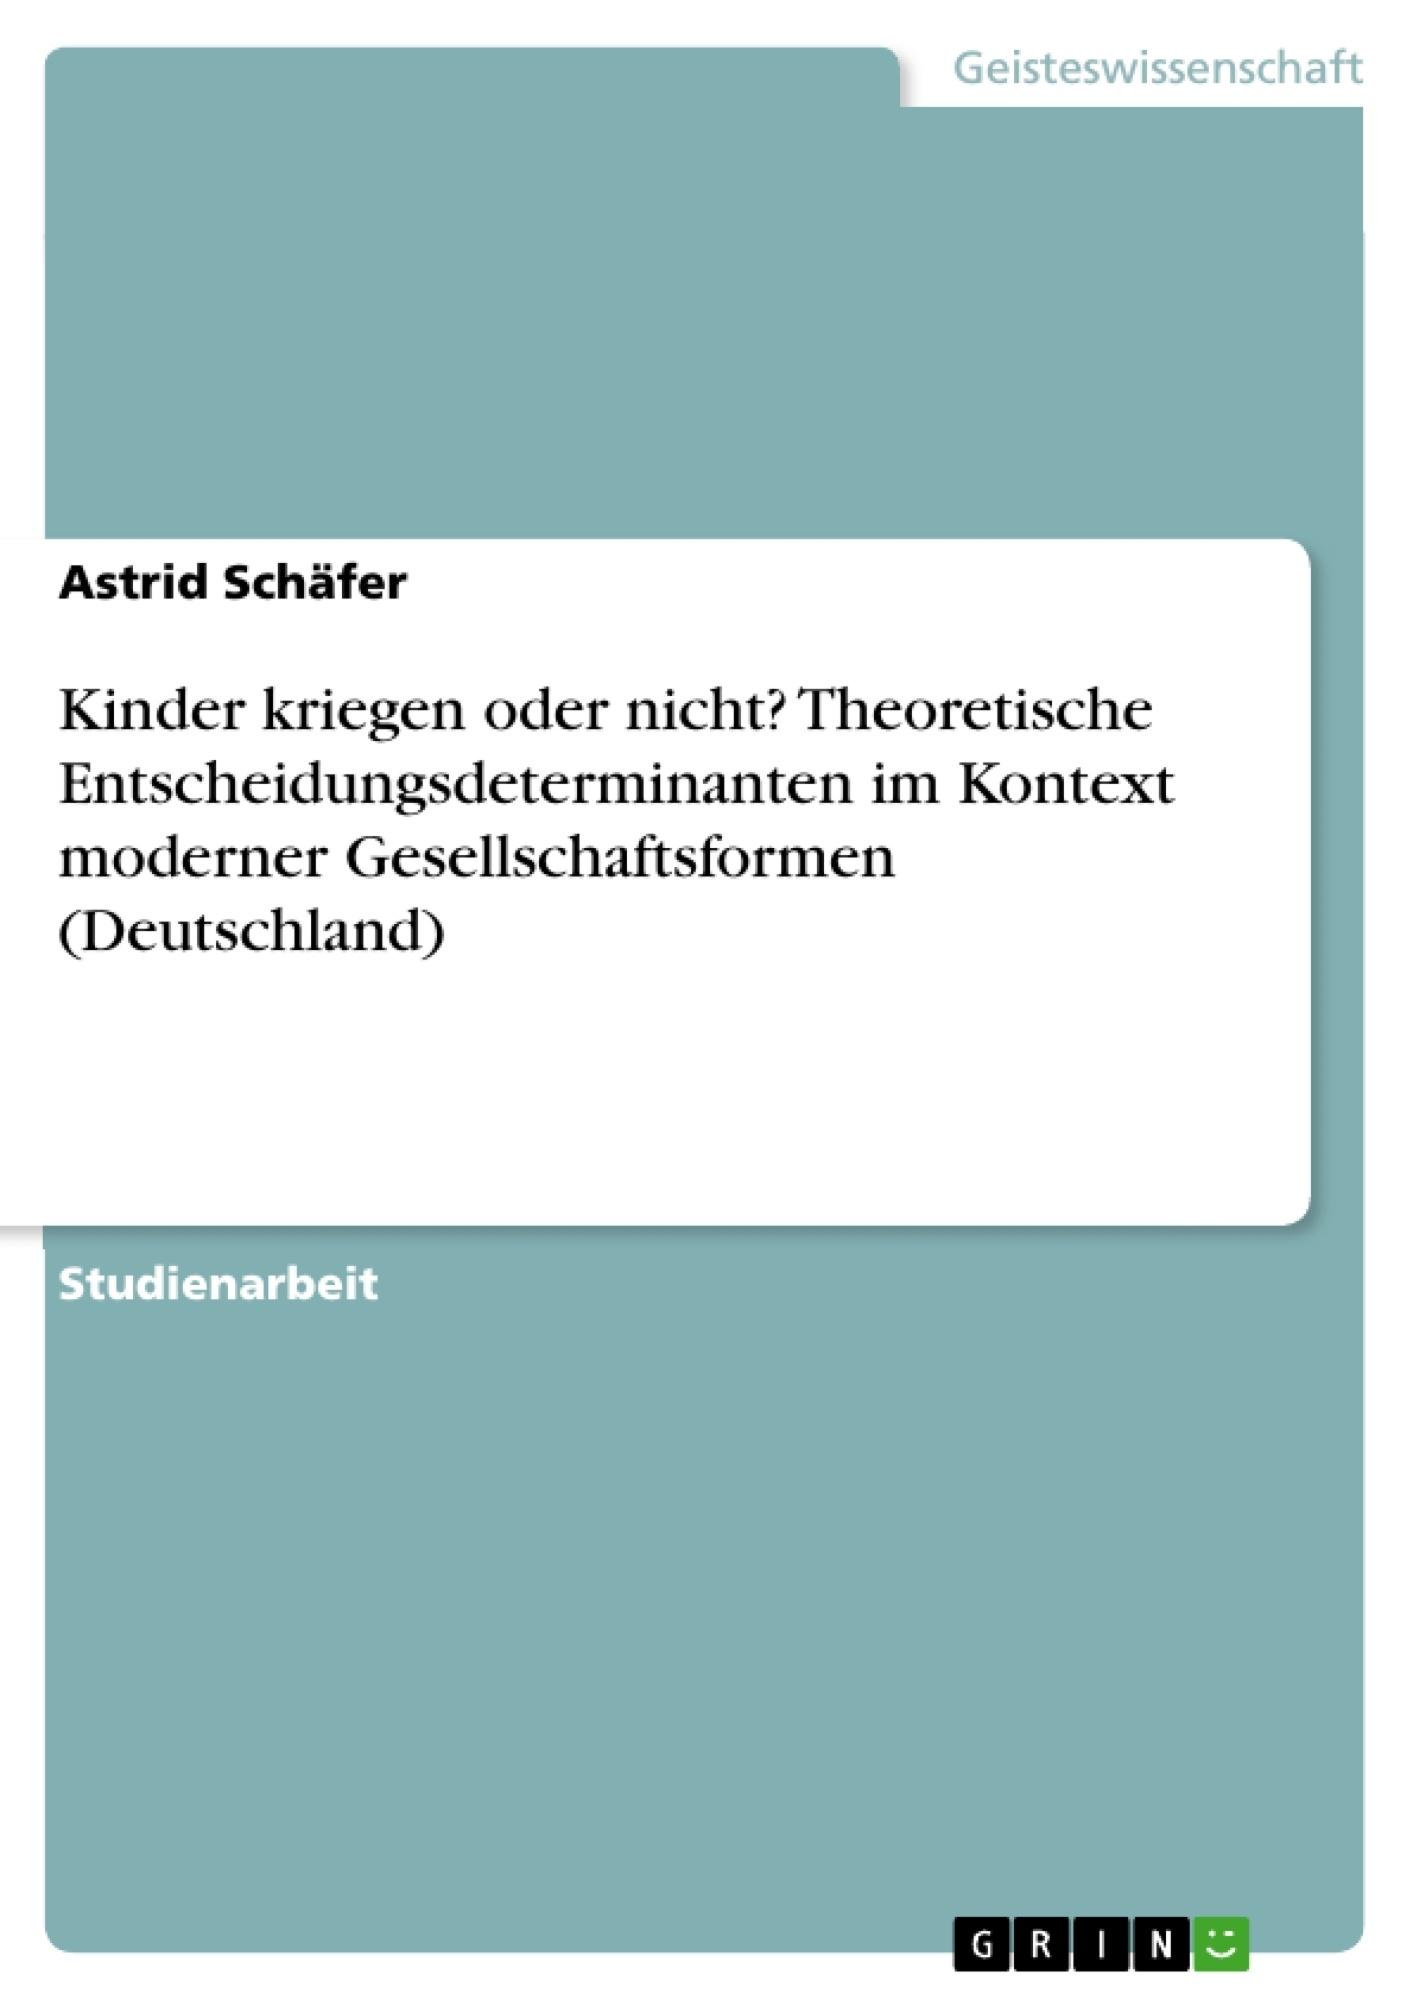 Titel: Kinder kriegen oder nicht? Theoretische Entscheidungsdeterminanten im Kontext moderner Gesellschaftsformen (Deutschland)